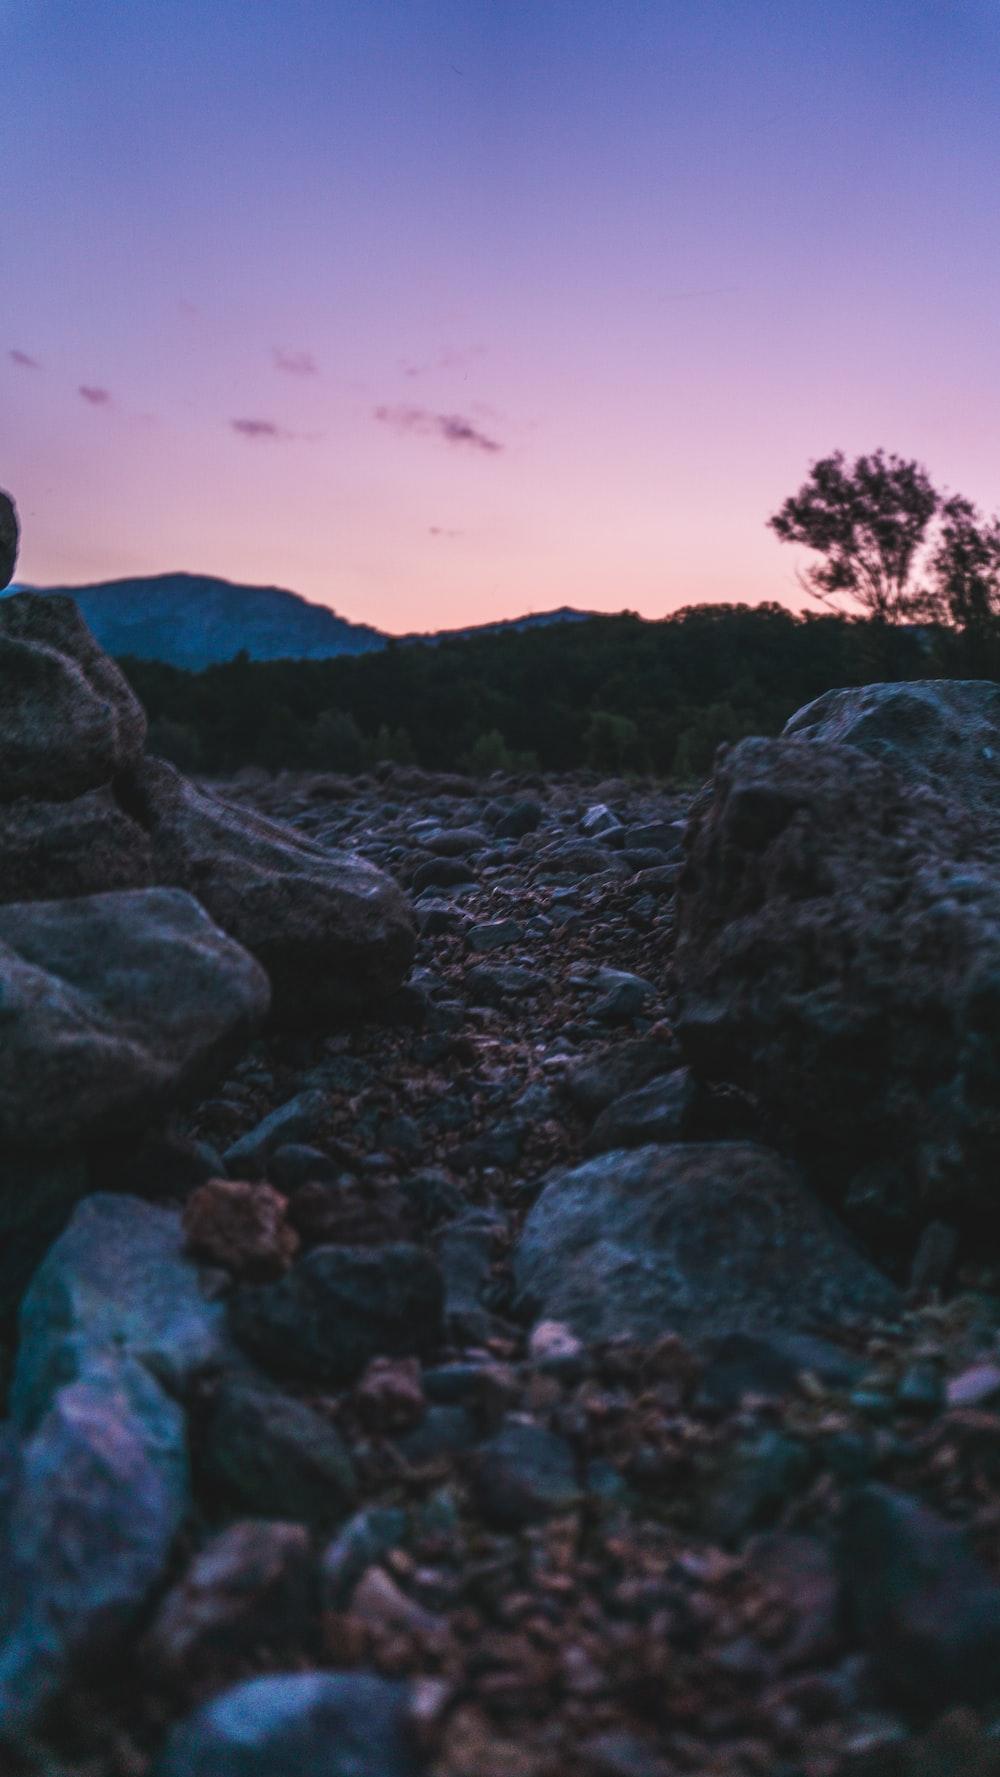 rocks on hill